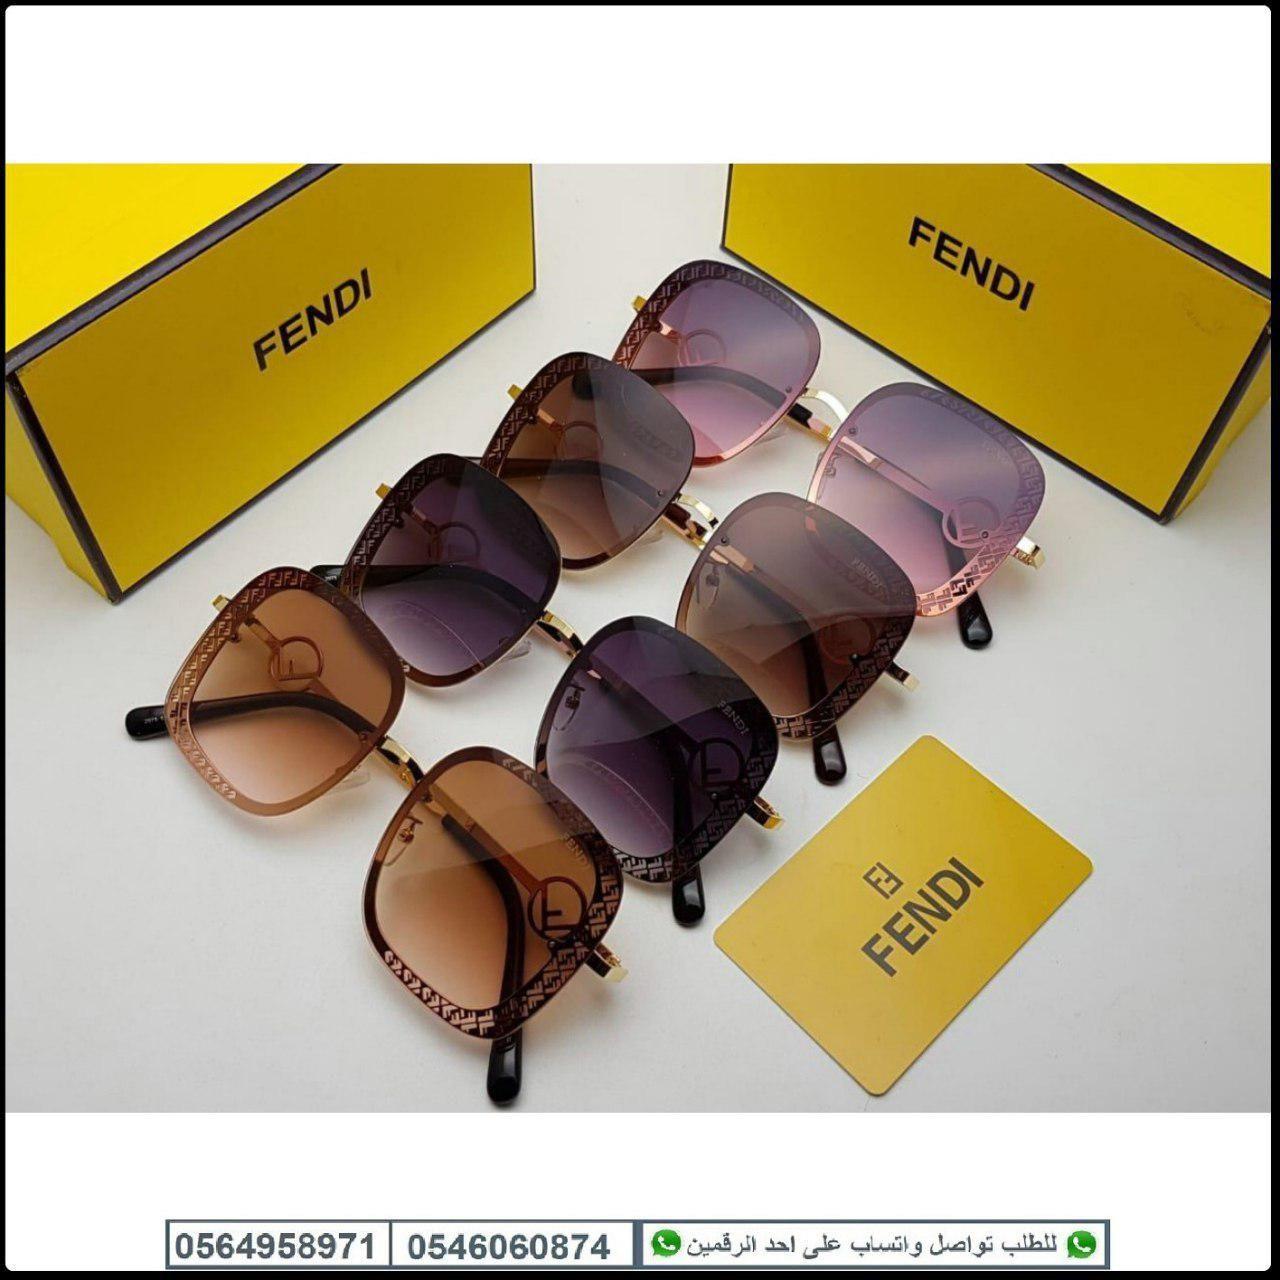 نظارات فندي نسائيه Fendi مع كامل ملحقاتها و بنفس اسم الماركه هدايا هنوف Sunglasses Oval Sunglass Glasses